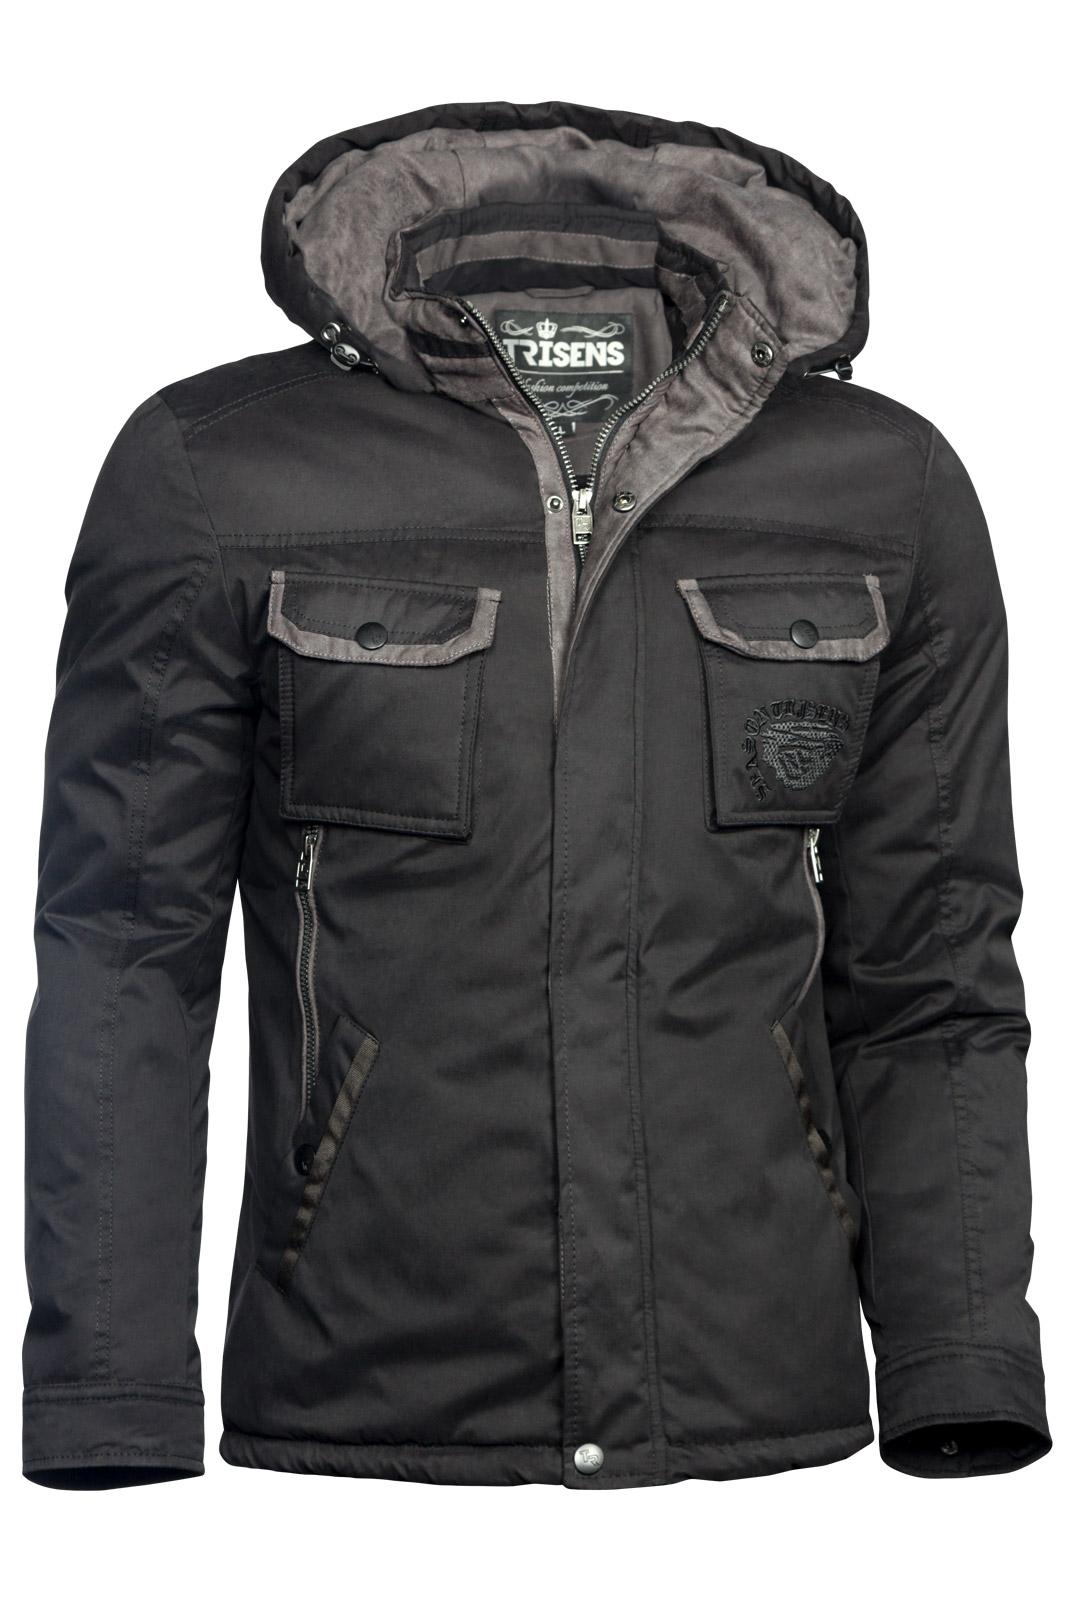 Trisens Herren Cotton Winterparka Wasserdichte Jacke Herren Mode Jacken e4b6df49a6